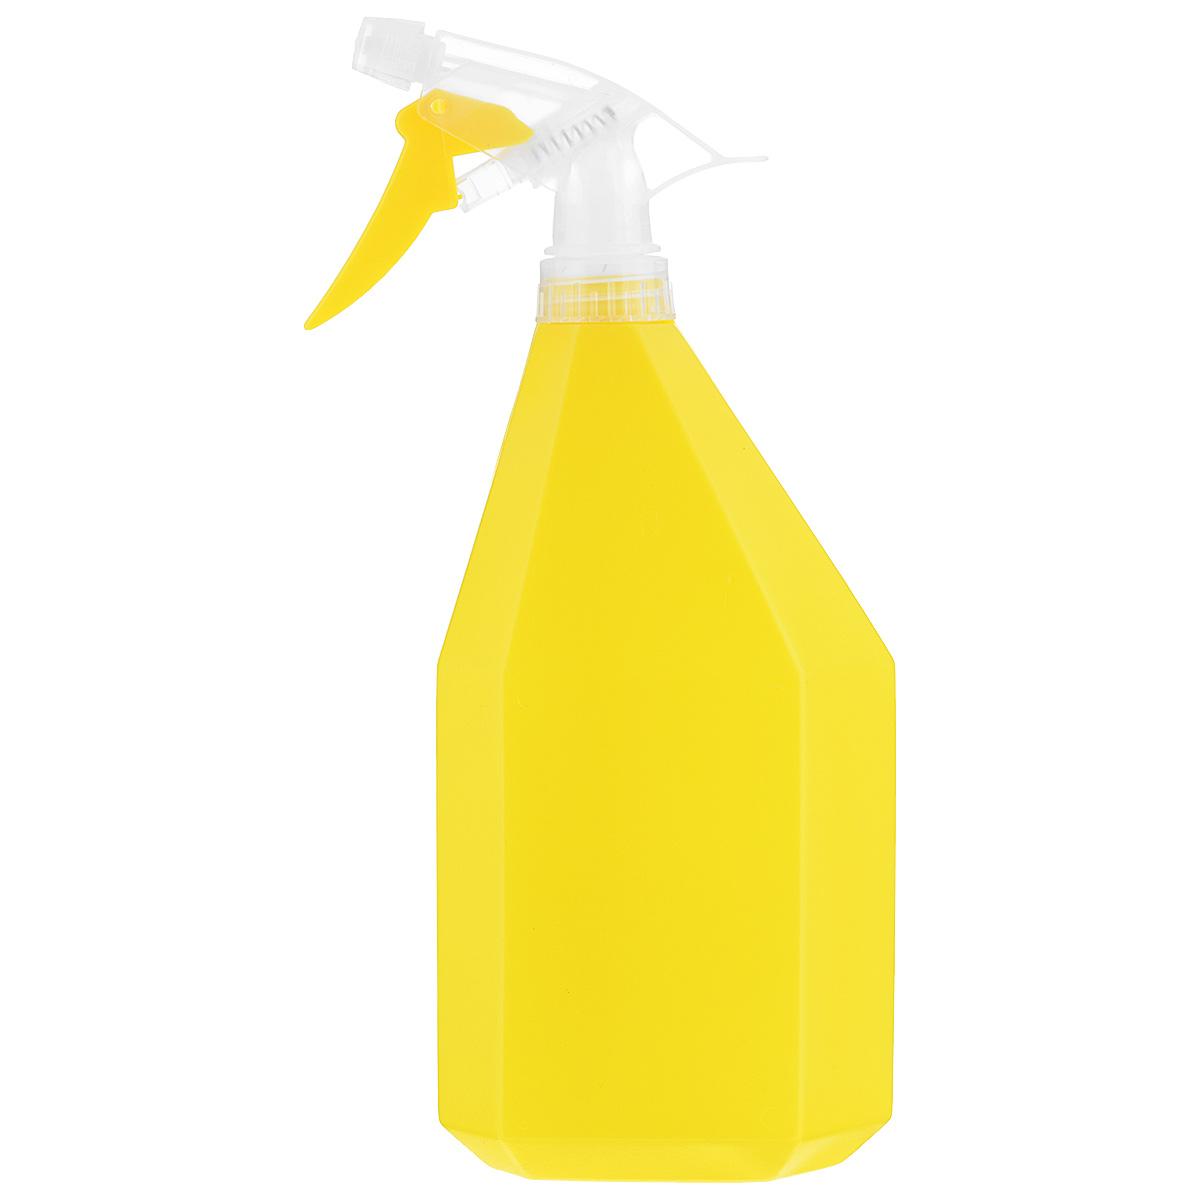 Опрыскиватель Idea Конус, цвет: желтый, 1 л1.645-504.0Опрыскиватель Idea Конус оснащен специальной насадкой. Изготовлен из пластика и всегда поможет вам в уходе за вашими любимыми растениями.Объем: 1 л.Высота: 26 см.